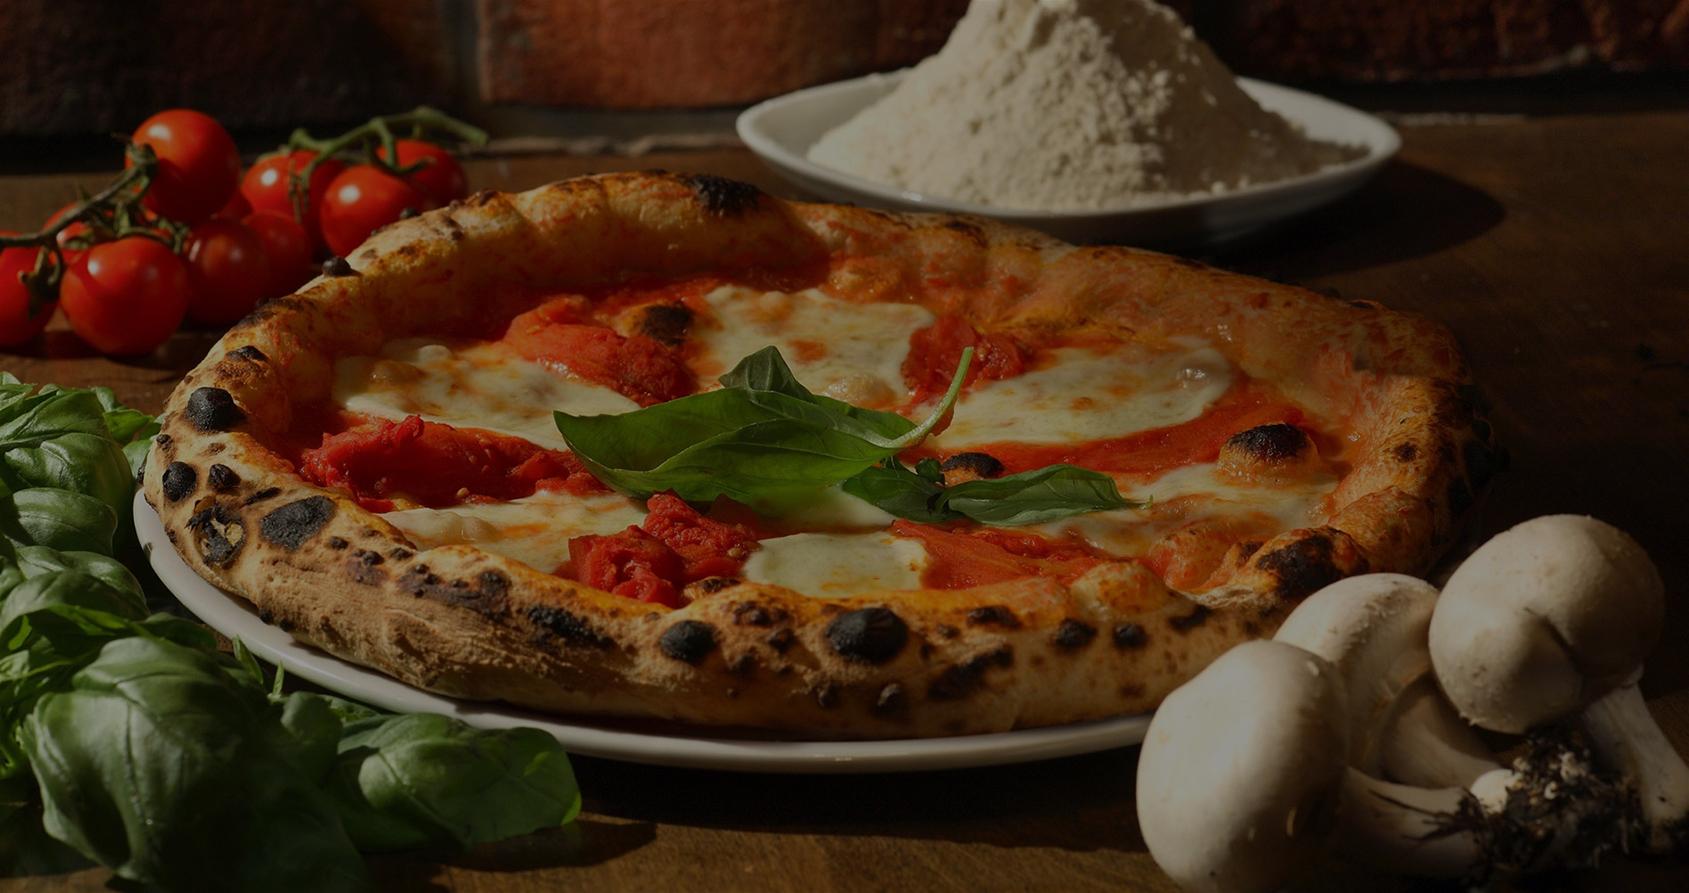 Manger des pizzas est bon pour vous. Voici pourquoi